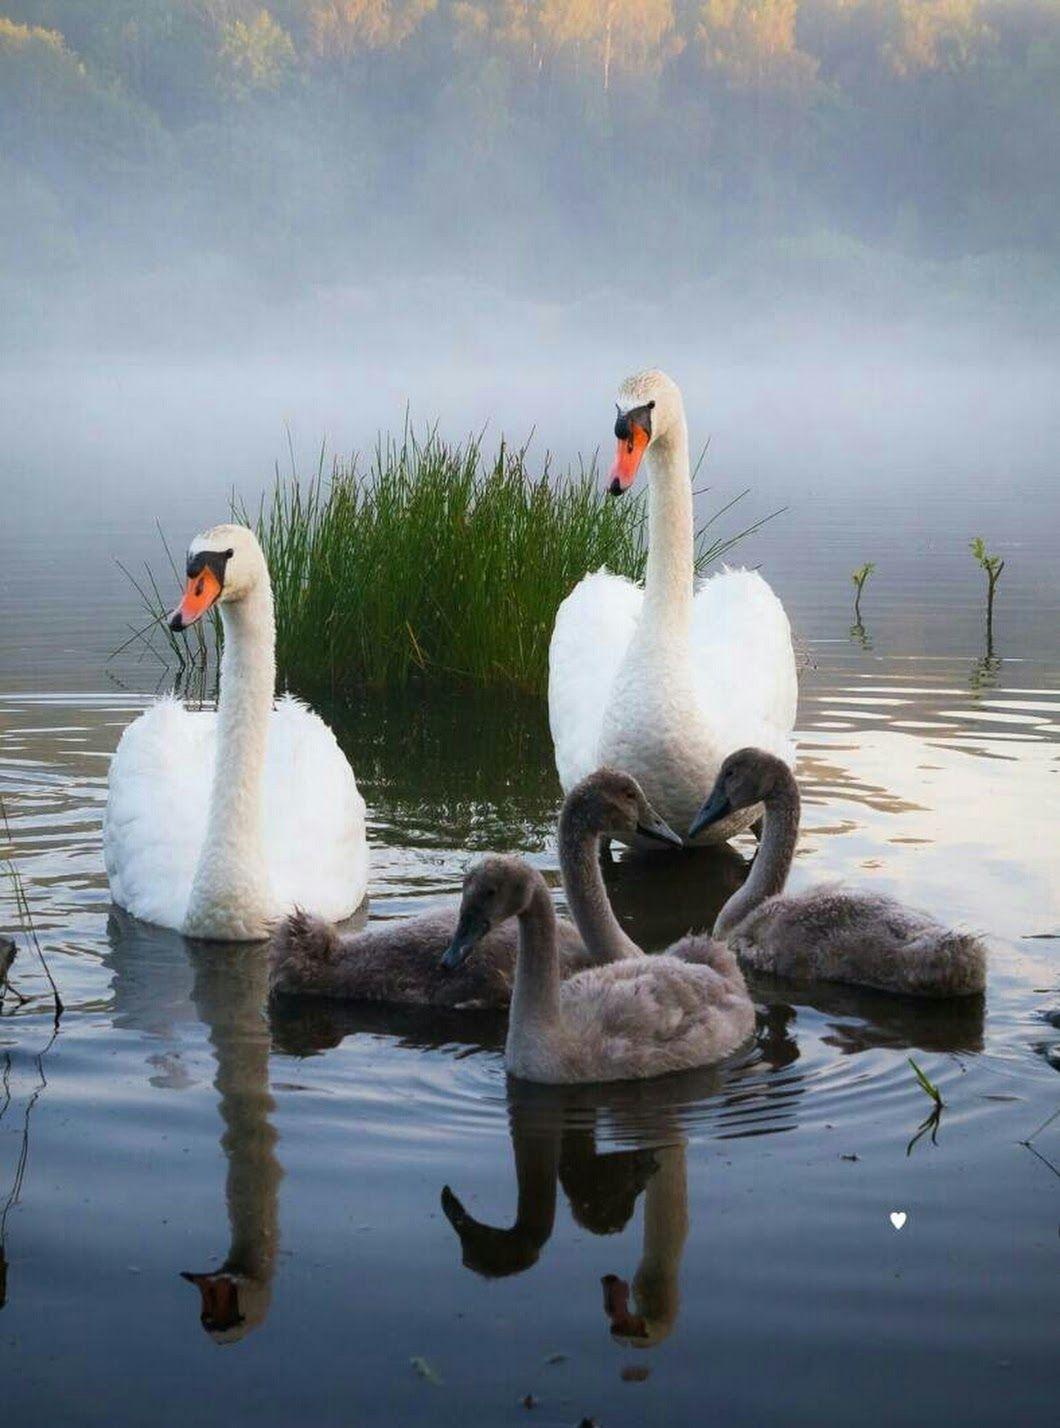 нас картинки лебедей и фото с лебедями носить зимой, что